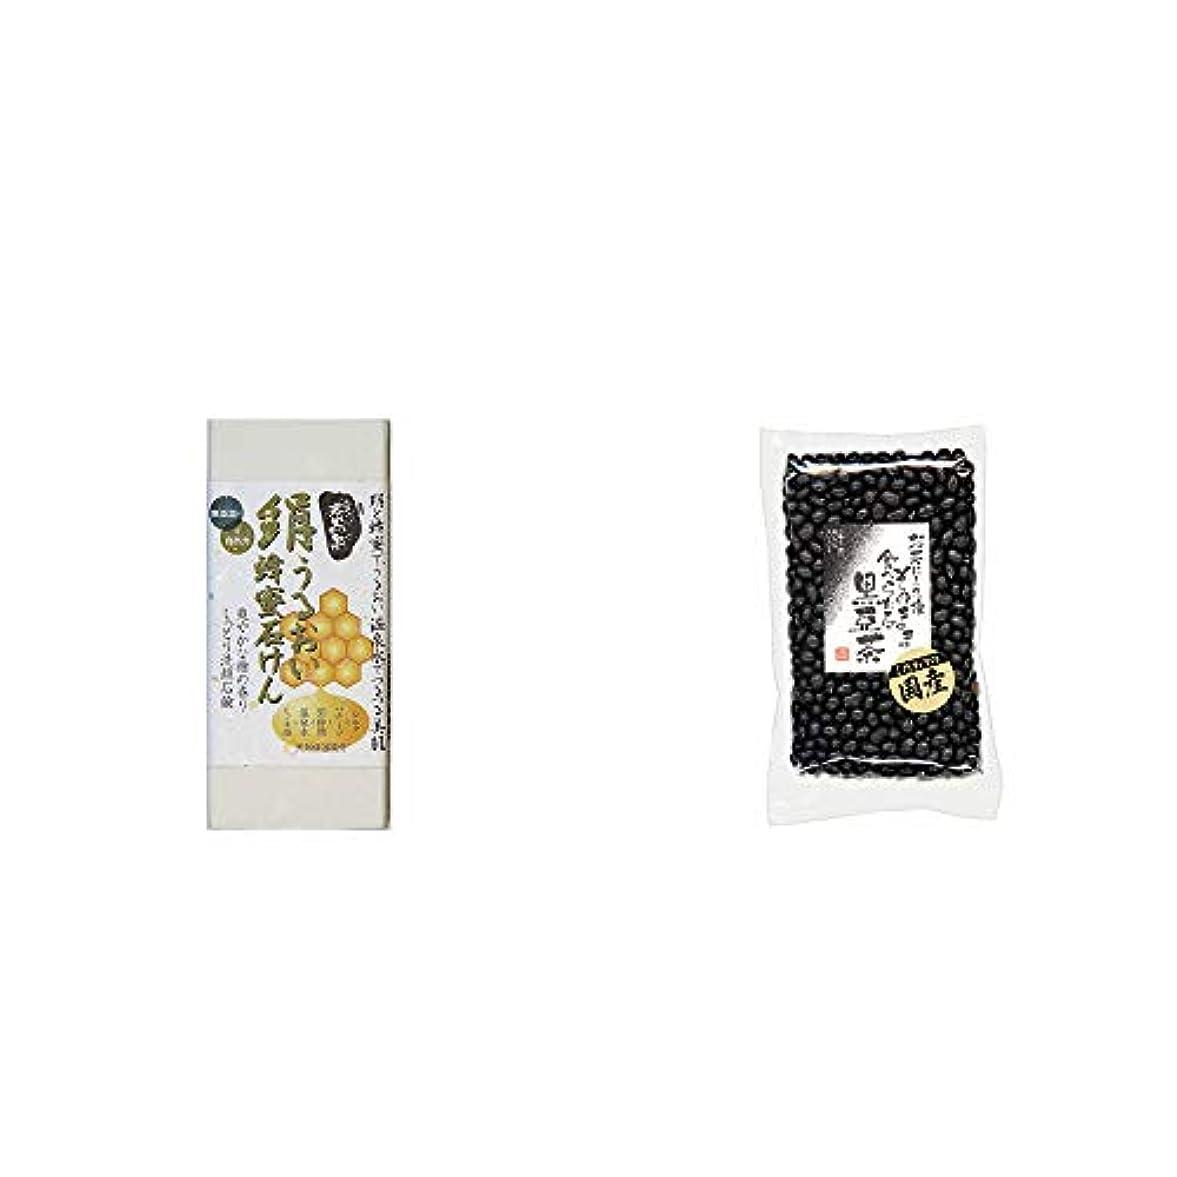 暴力パトロール助言[2点セット] ひのき炭黒泉 絹うるおい蜂蜜石けん(75g×2)?国産 黒豆茶(200g)